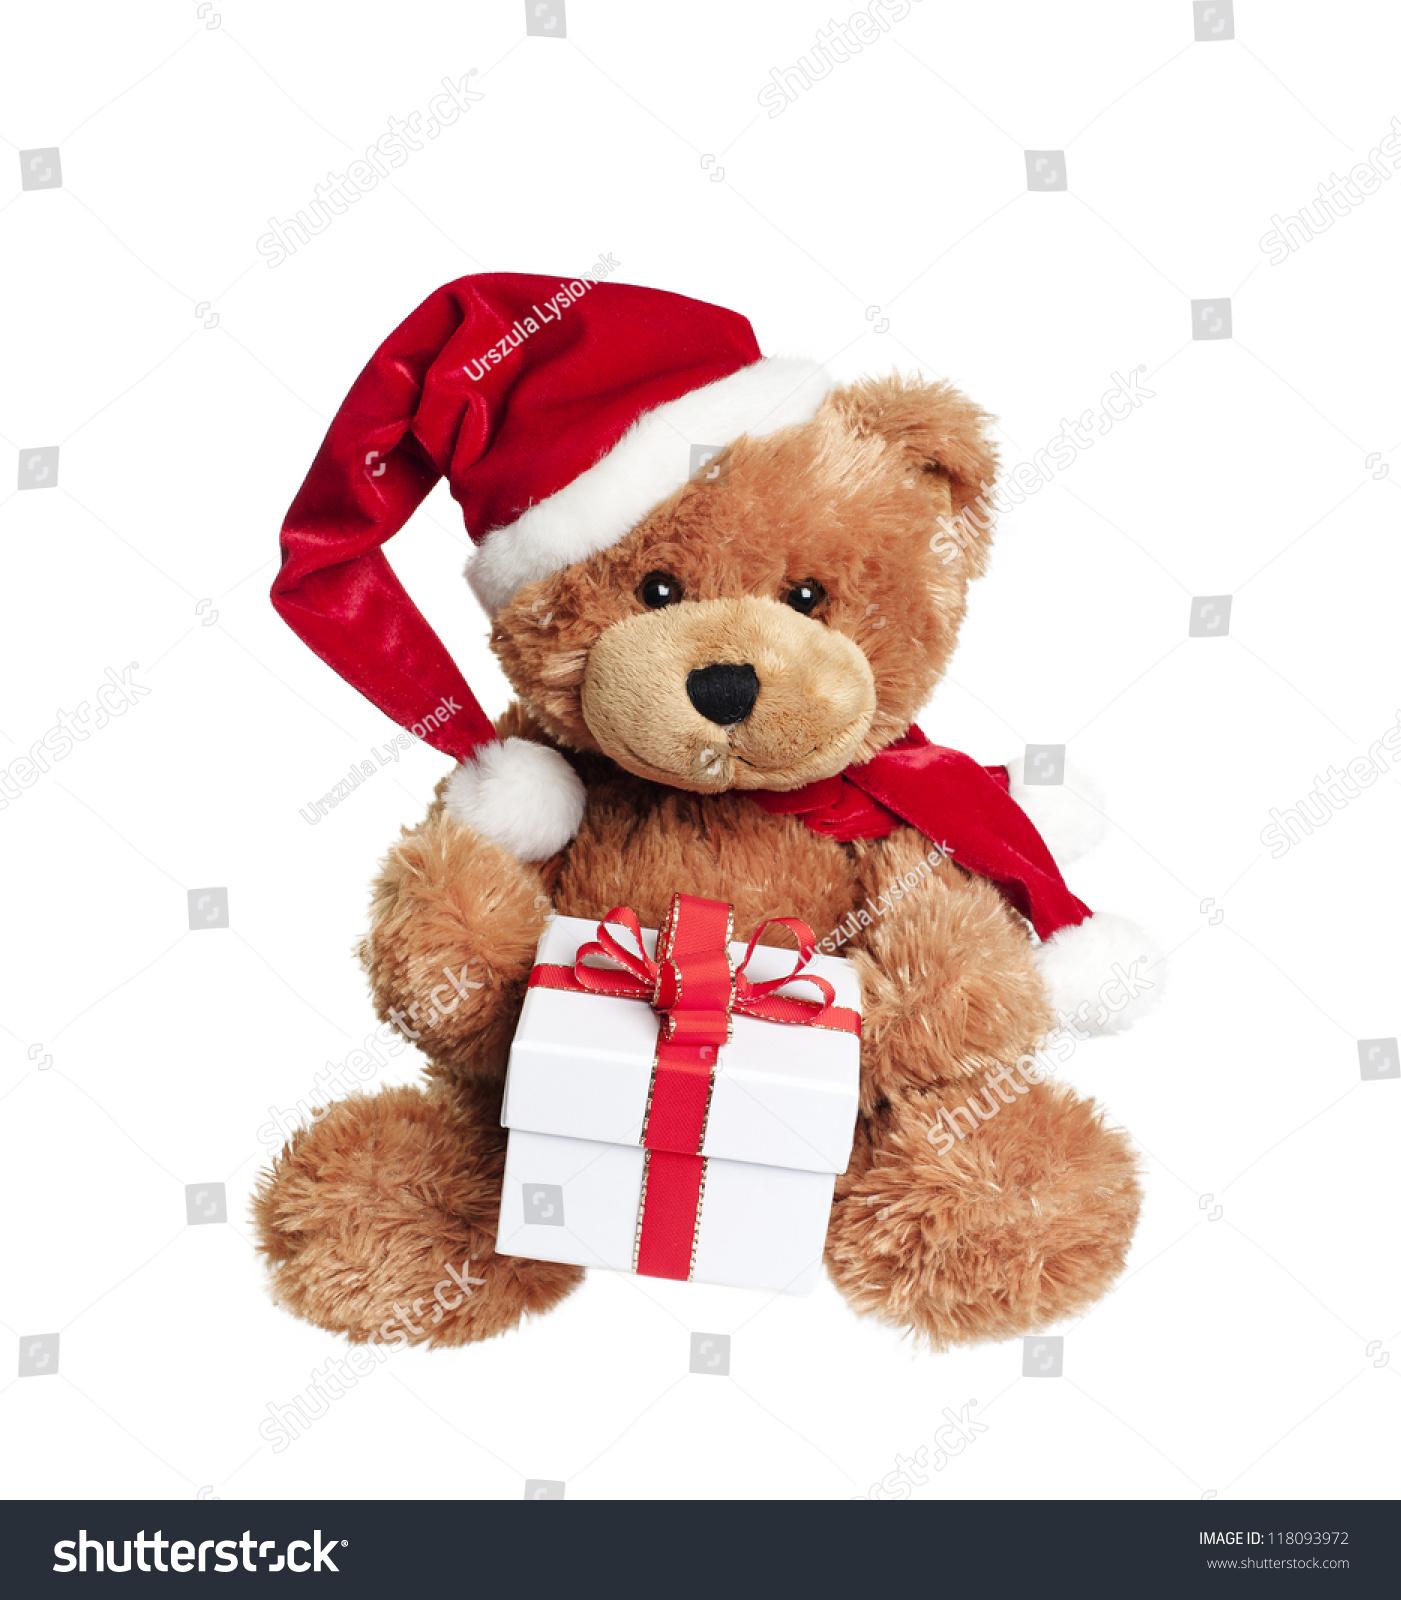 可爱的玩具熊圣诞礼物和圣诞老人的帽子在白色背景